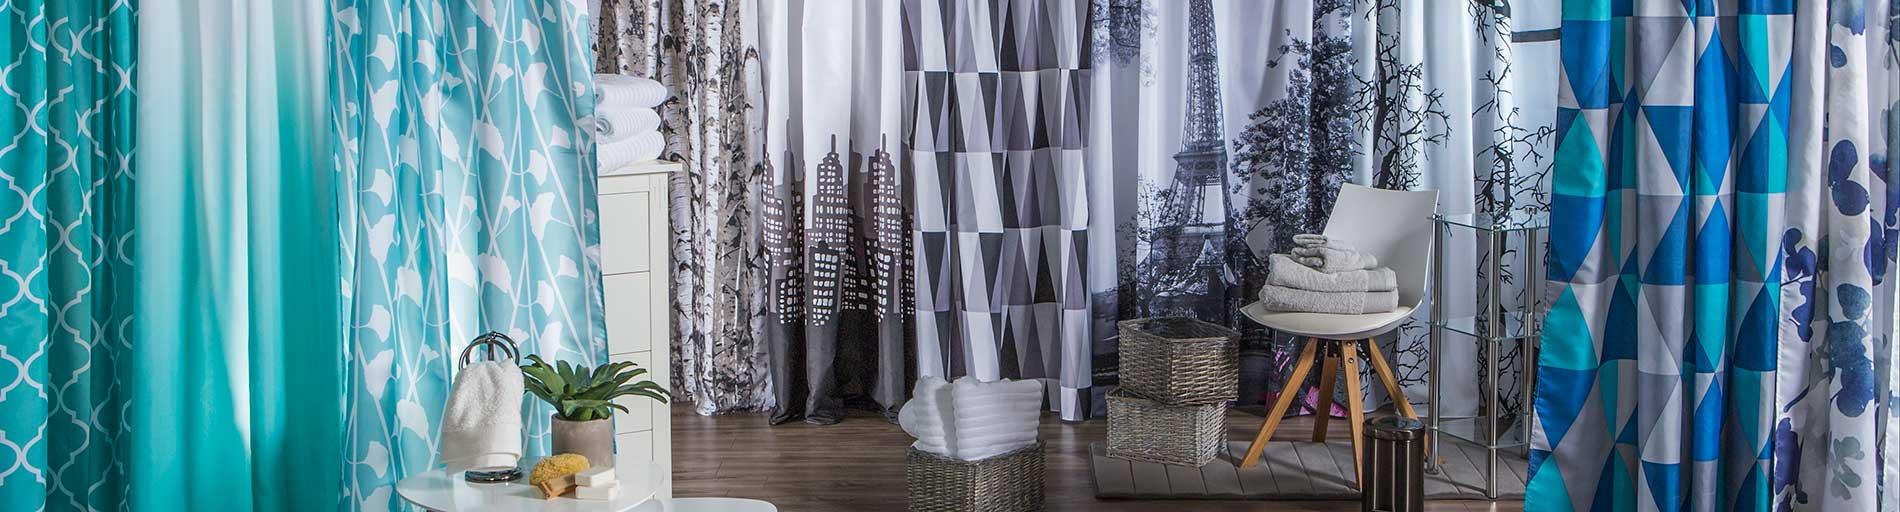 best shower curtains. Best Shower Curtains N